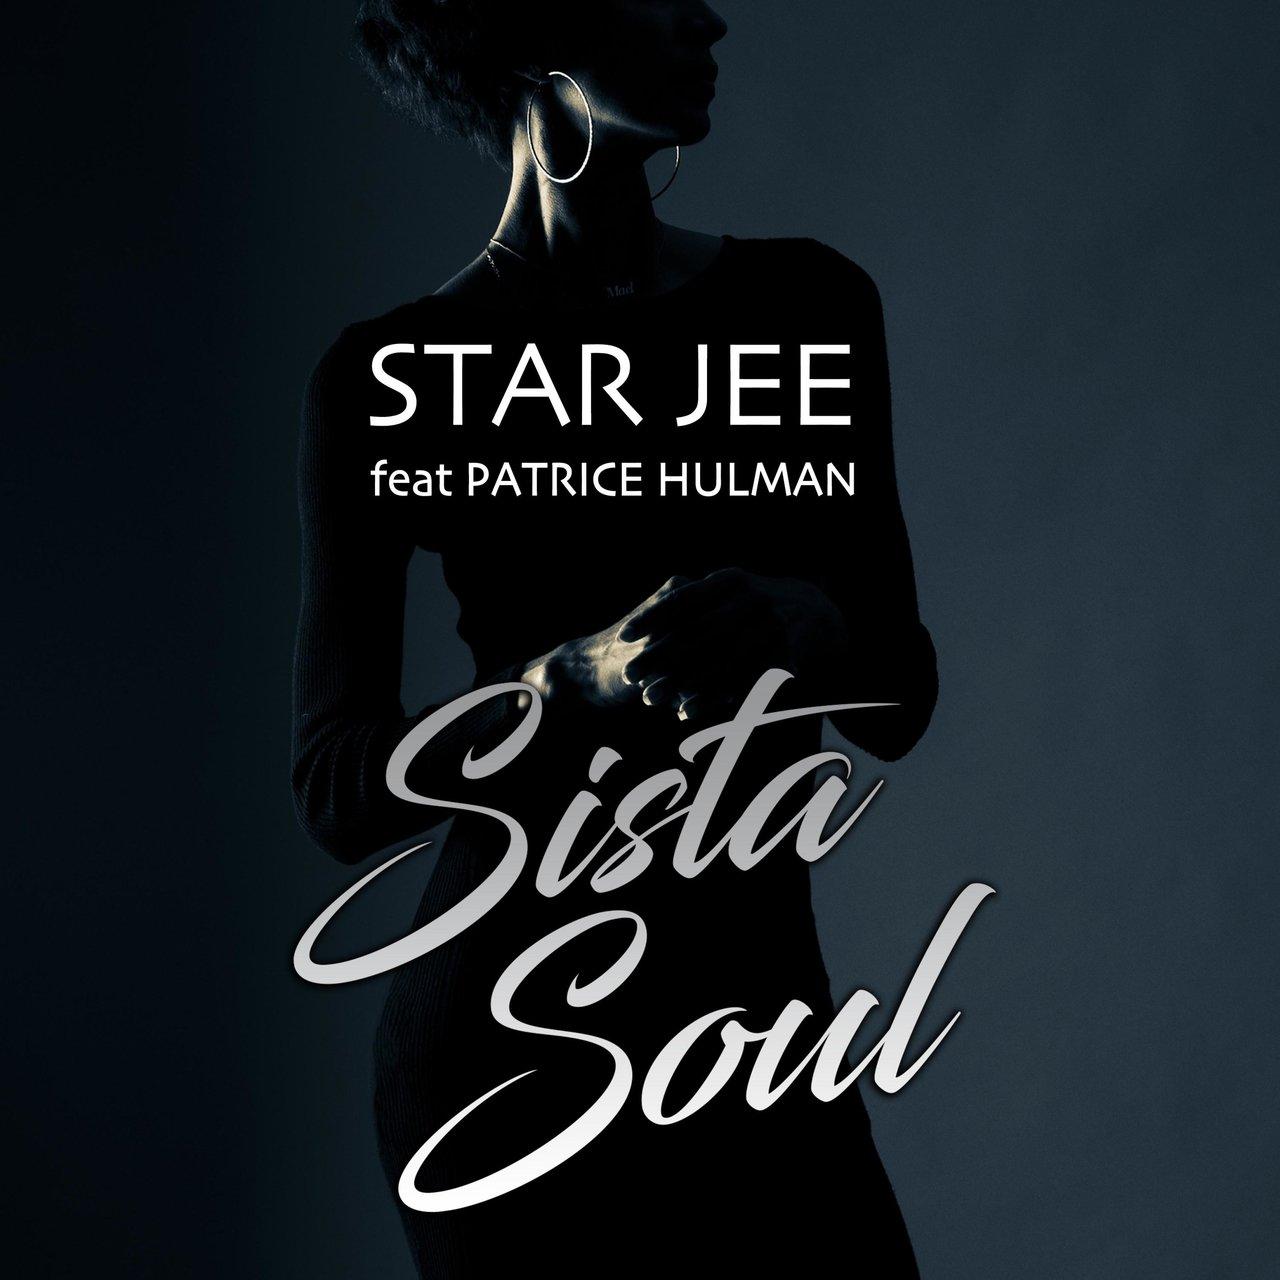 Star Jee - Sista Soul (ft. Patrice Hulman) (Cover)